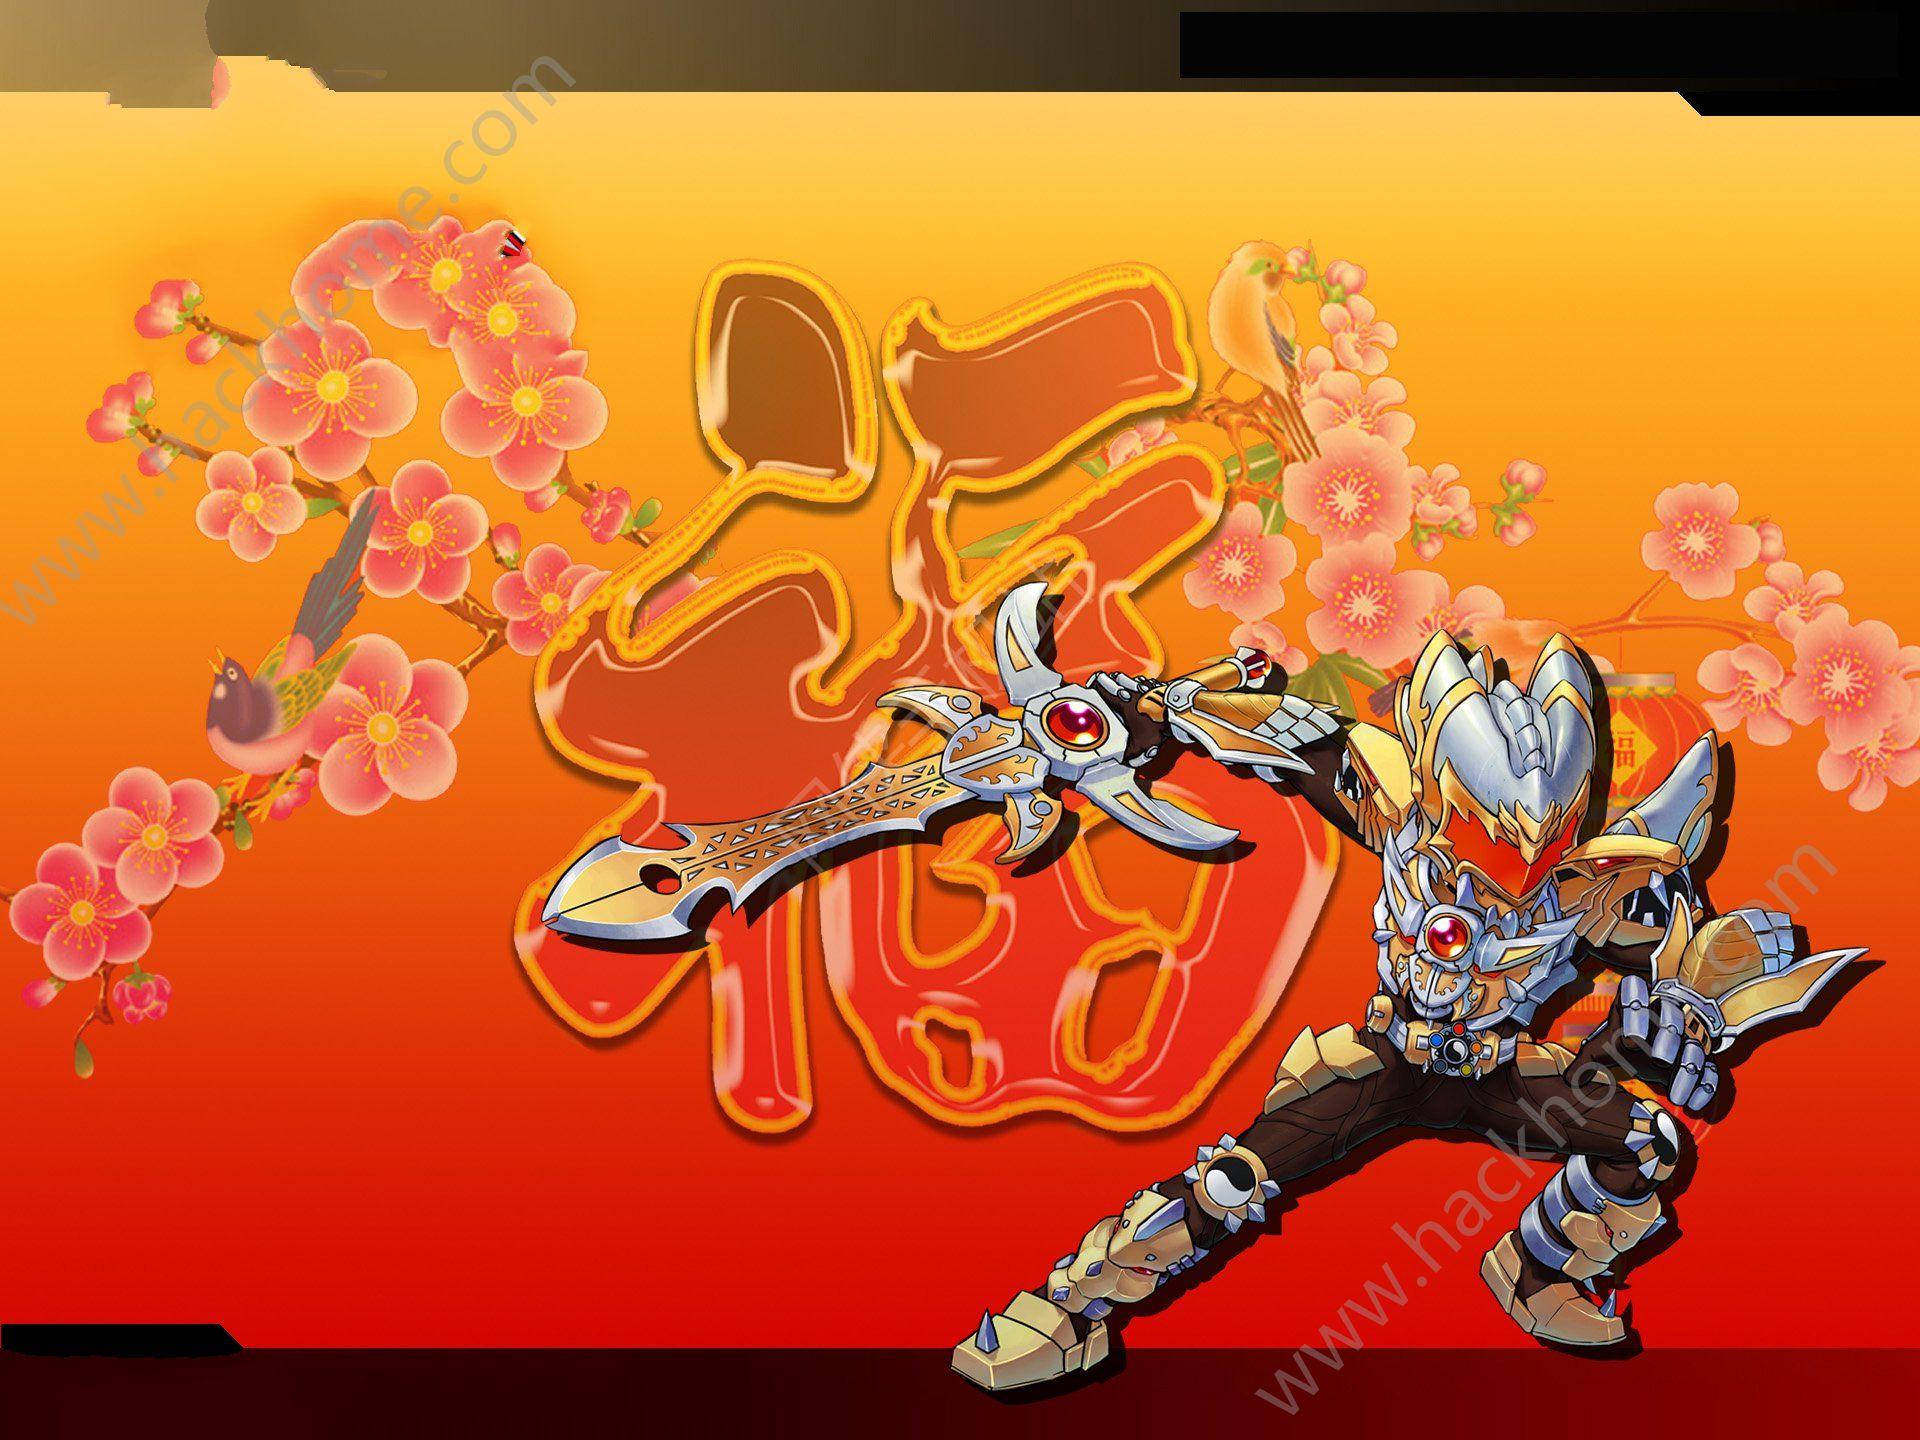 铠甲勇士猎铠手游官方网站图1: